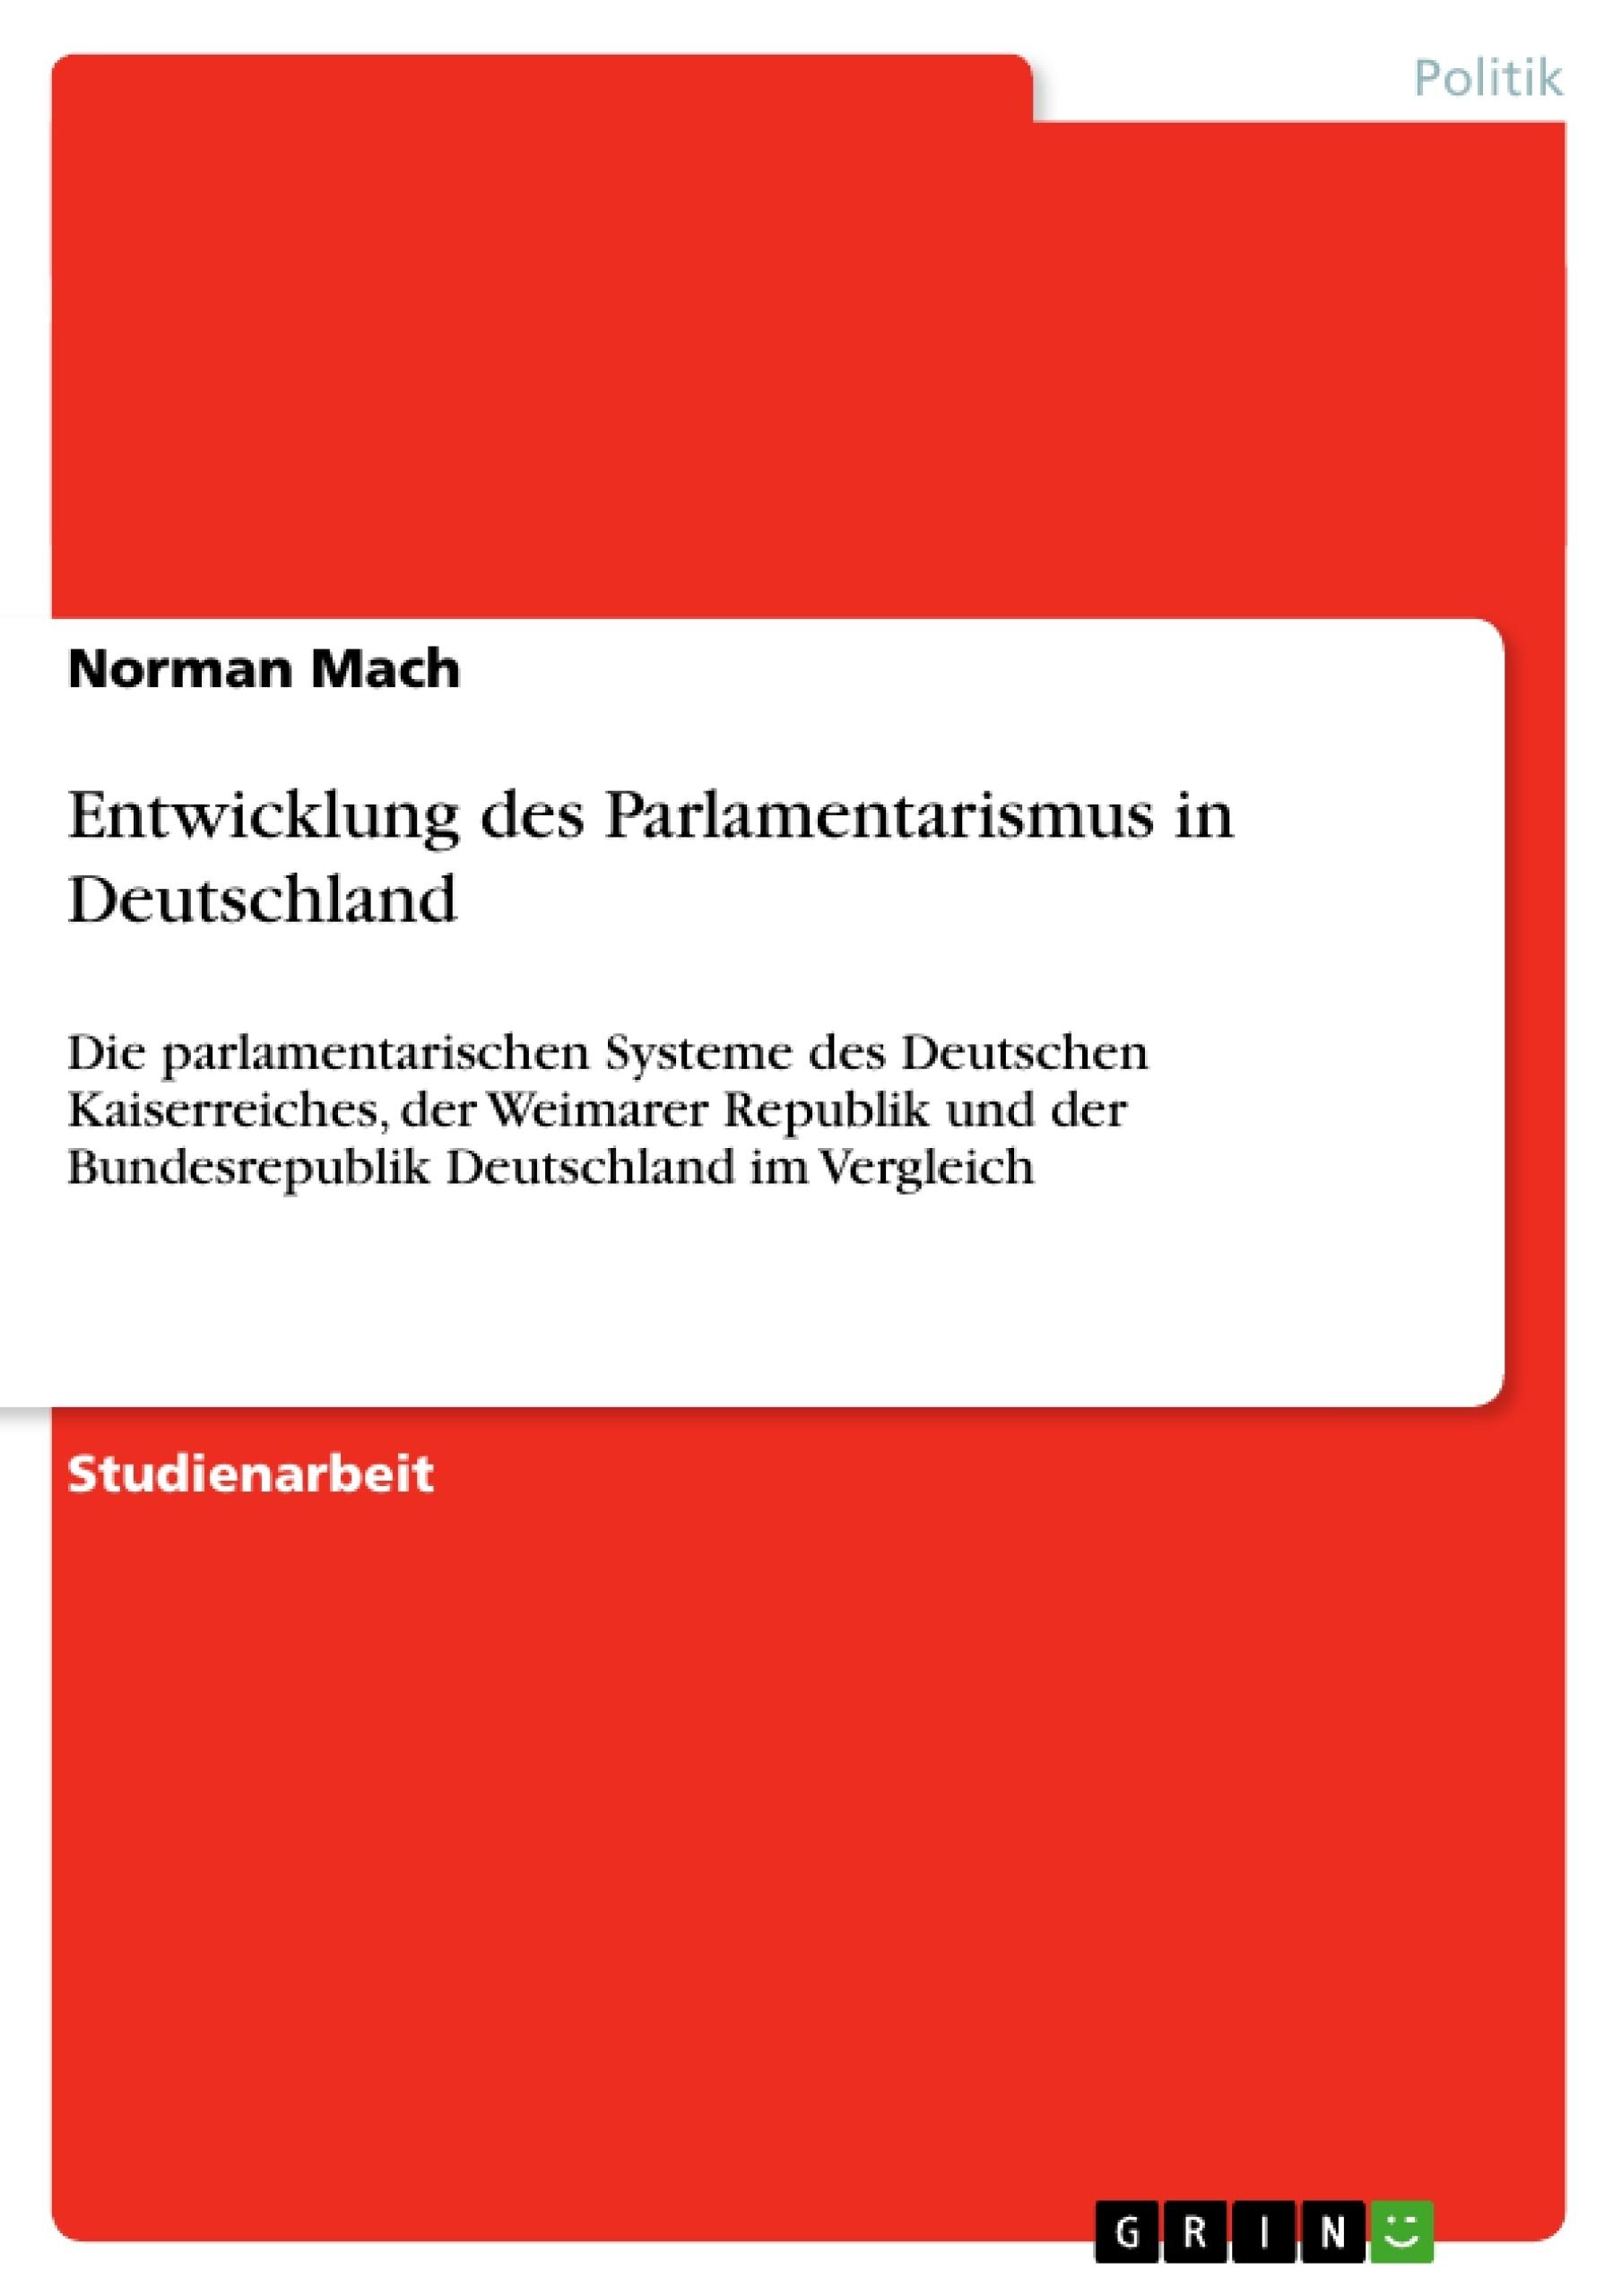 Titel: Entwicklung des Parlamentarismus in Deutschland